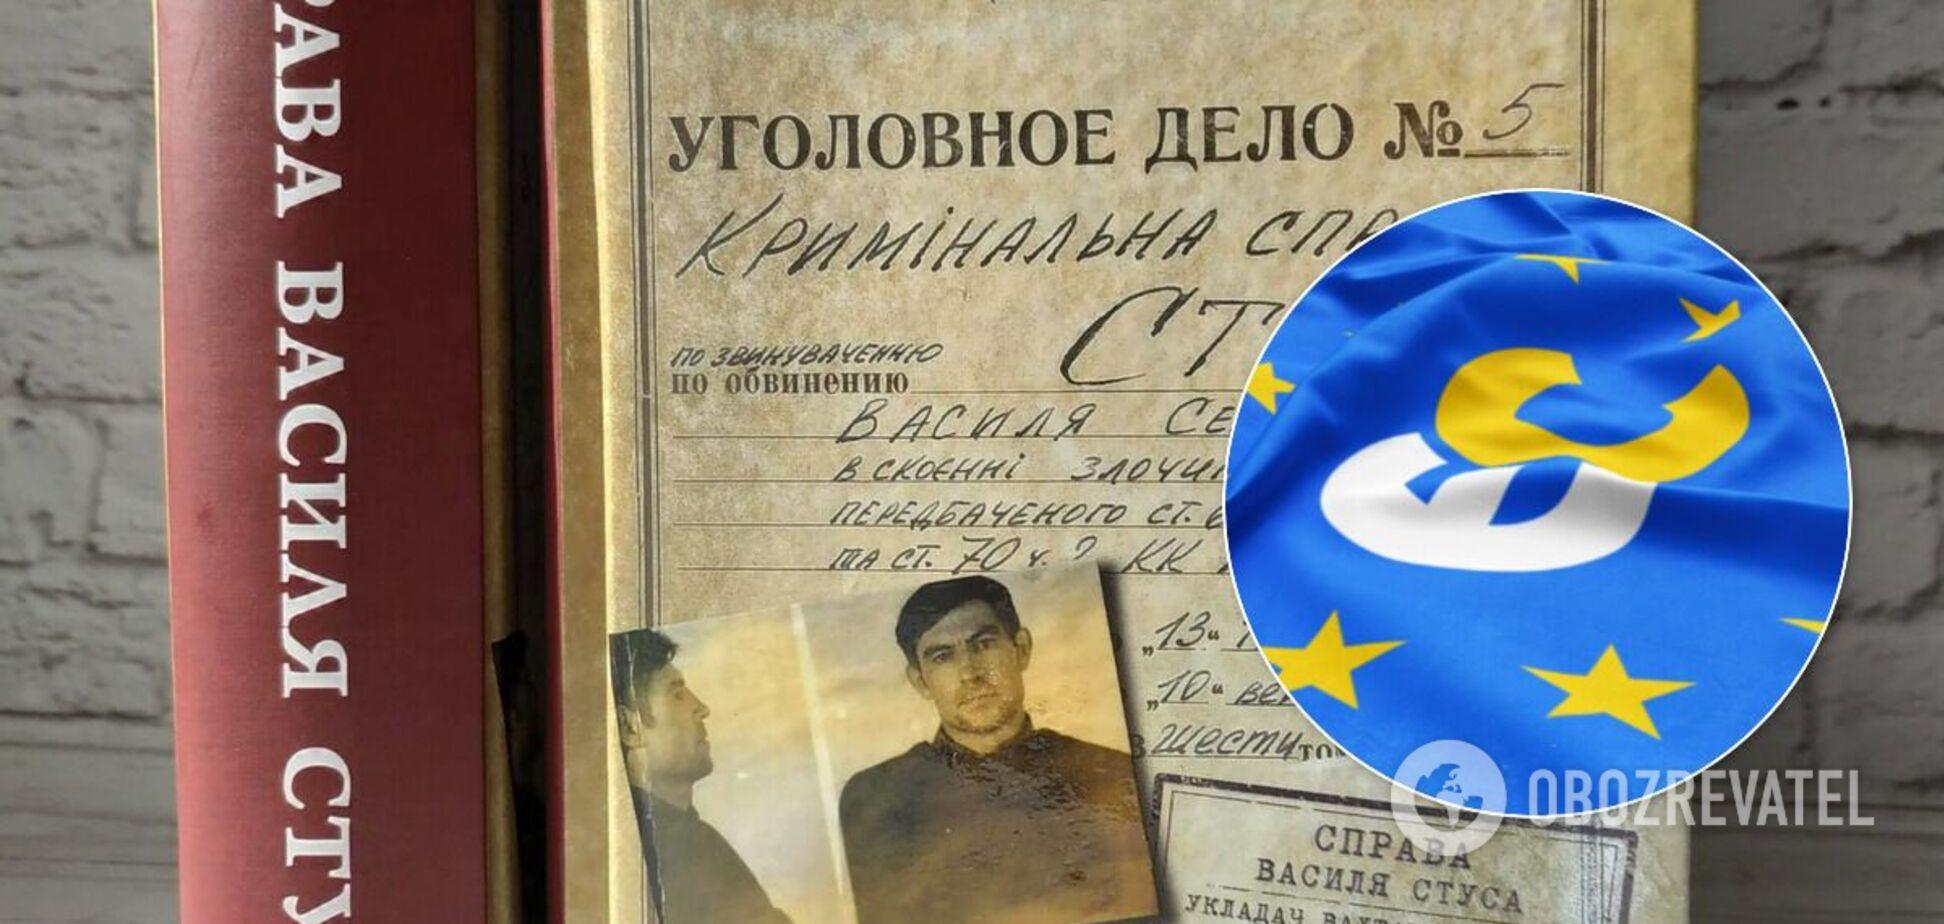 У Порошенка заявили, що заборона книги про 'Справу Стуса' повертає Україну у часи сталінських репресій